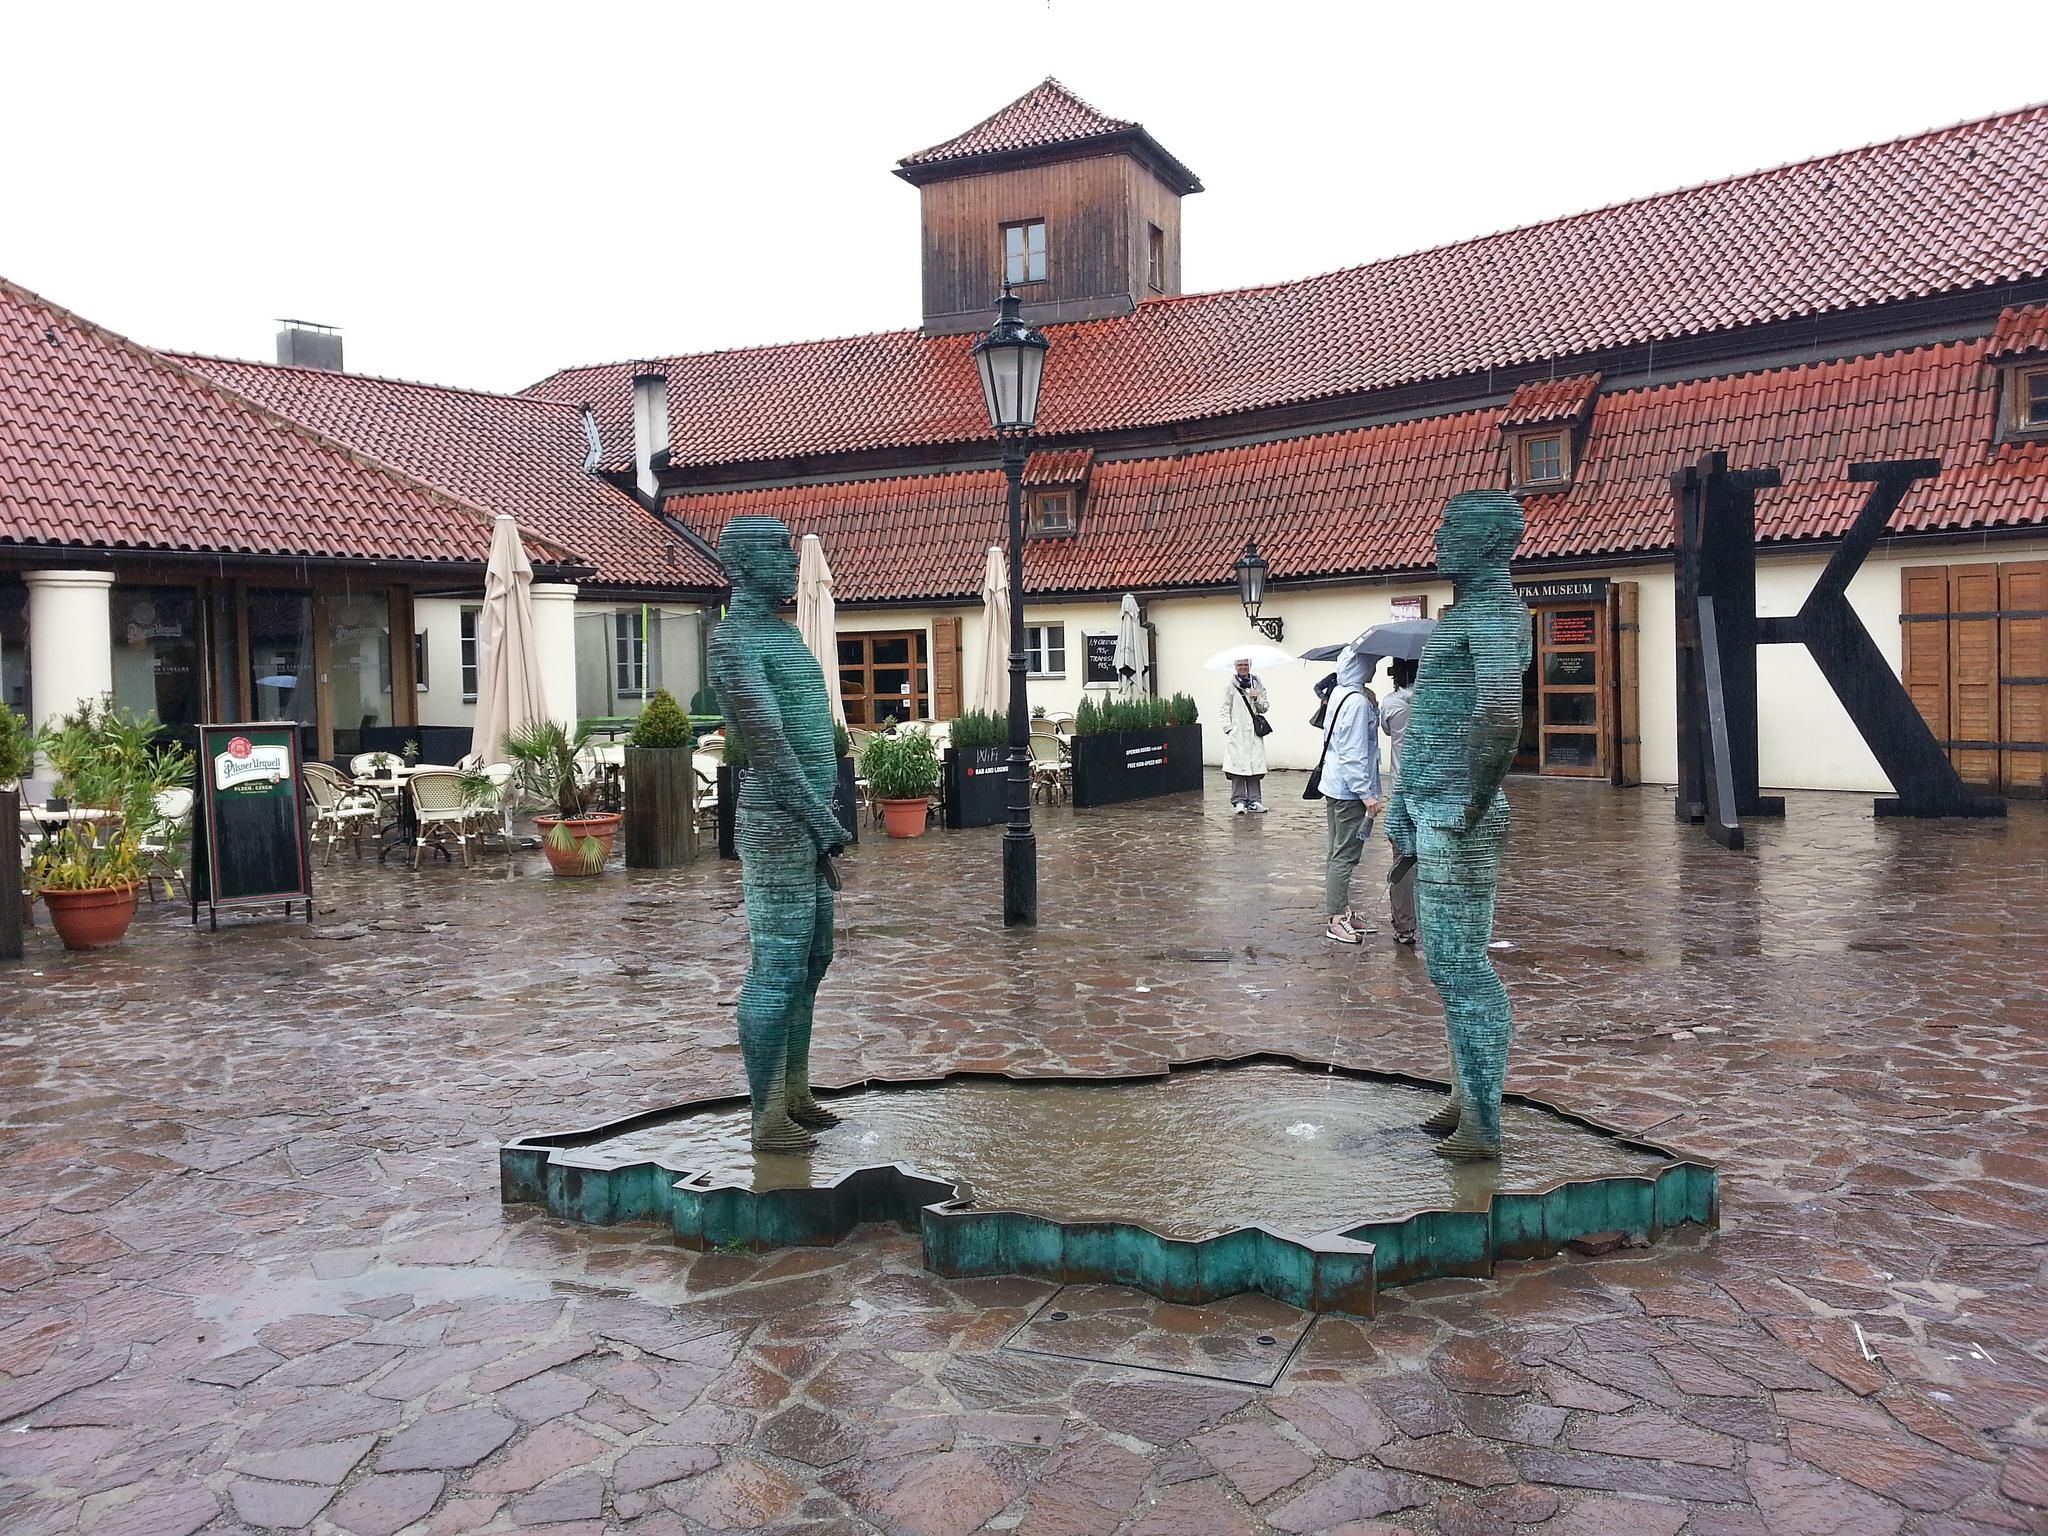 Музей Кафки, фонтан во дворе